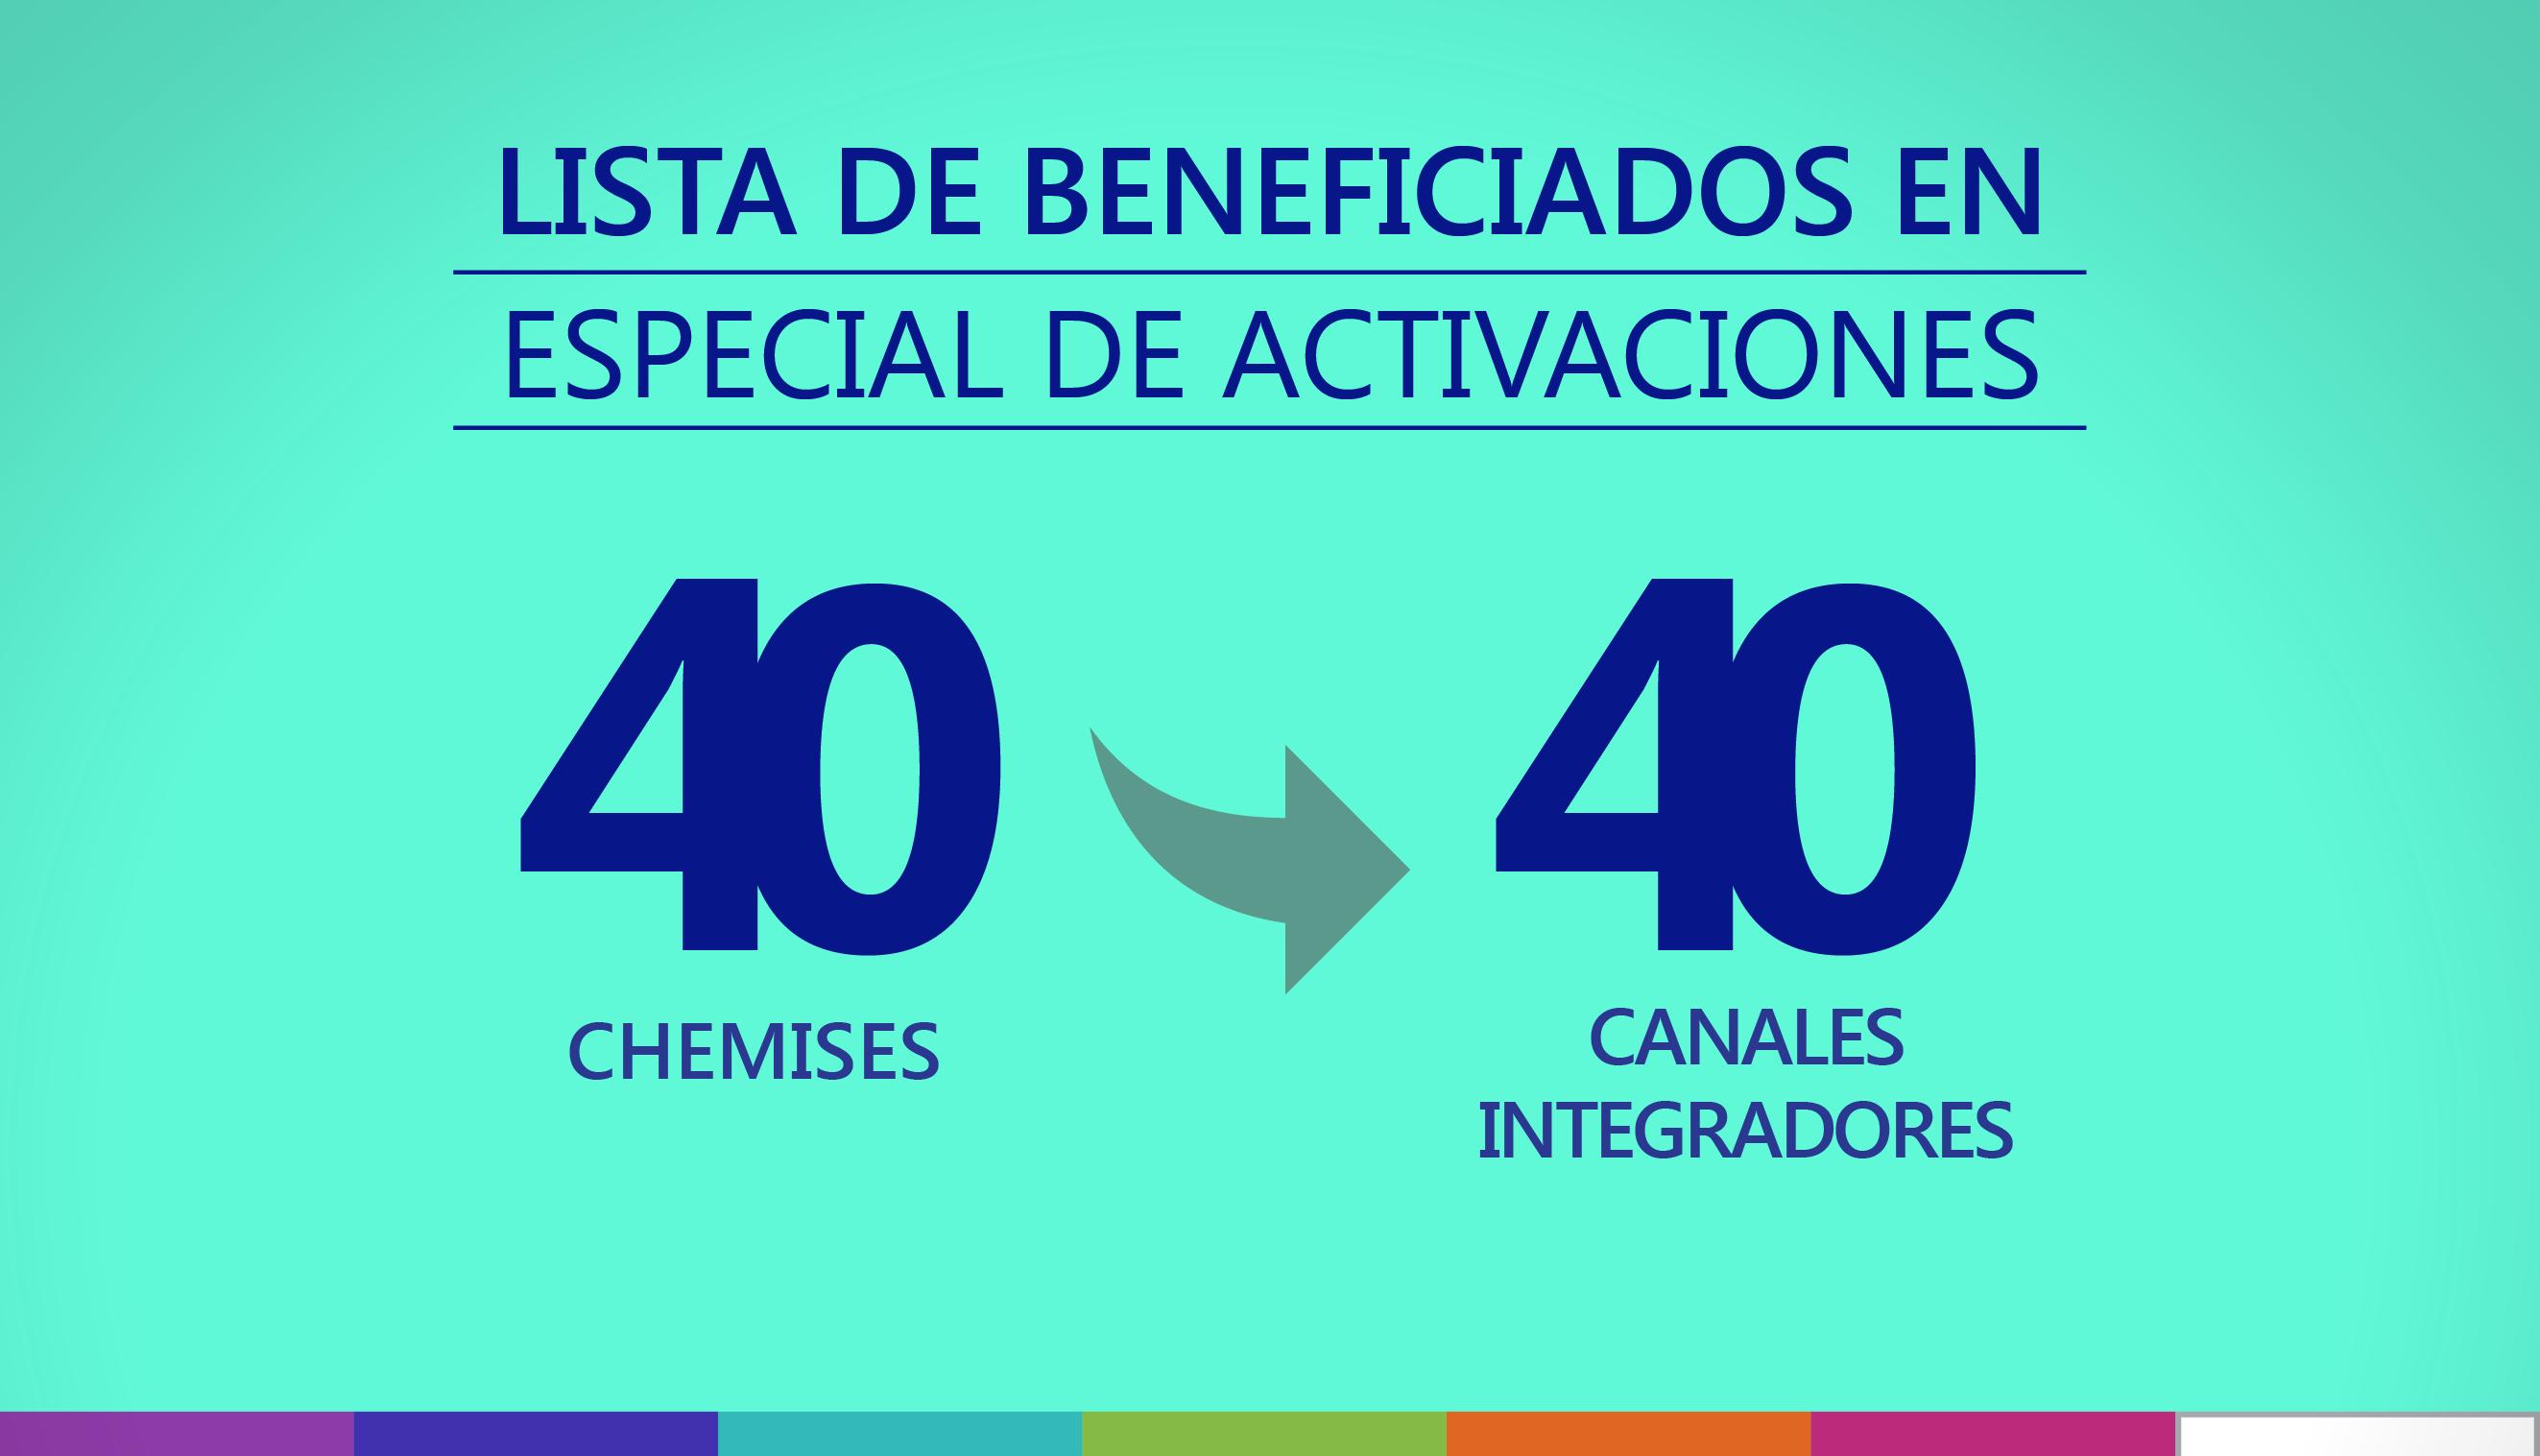 """Beneficiados del especial de activaciones """"40 chemises para 40 canales integradores"""""""